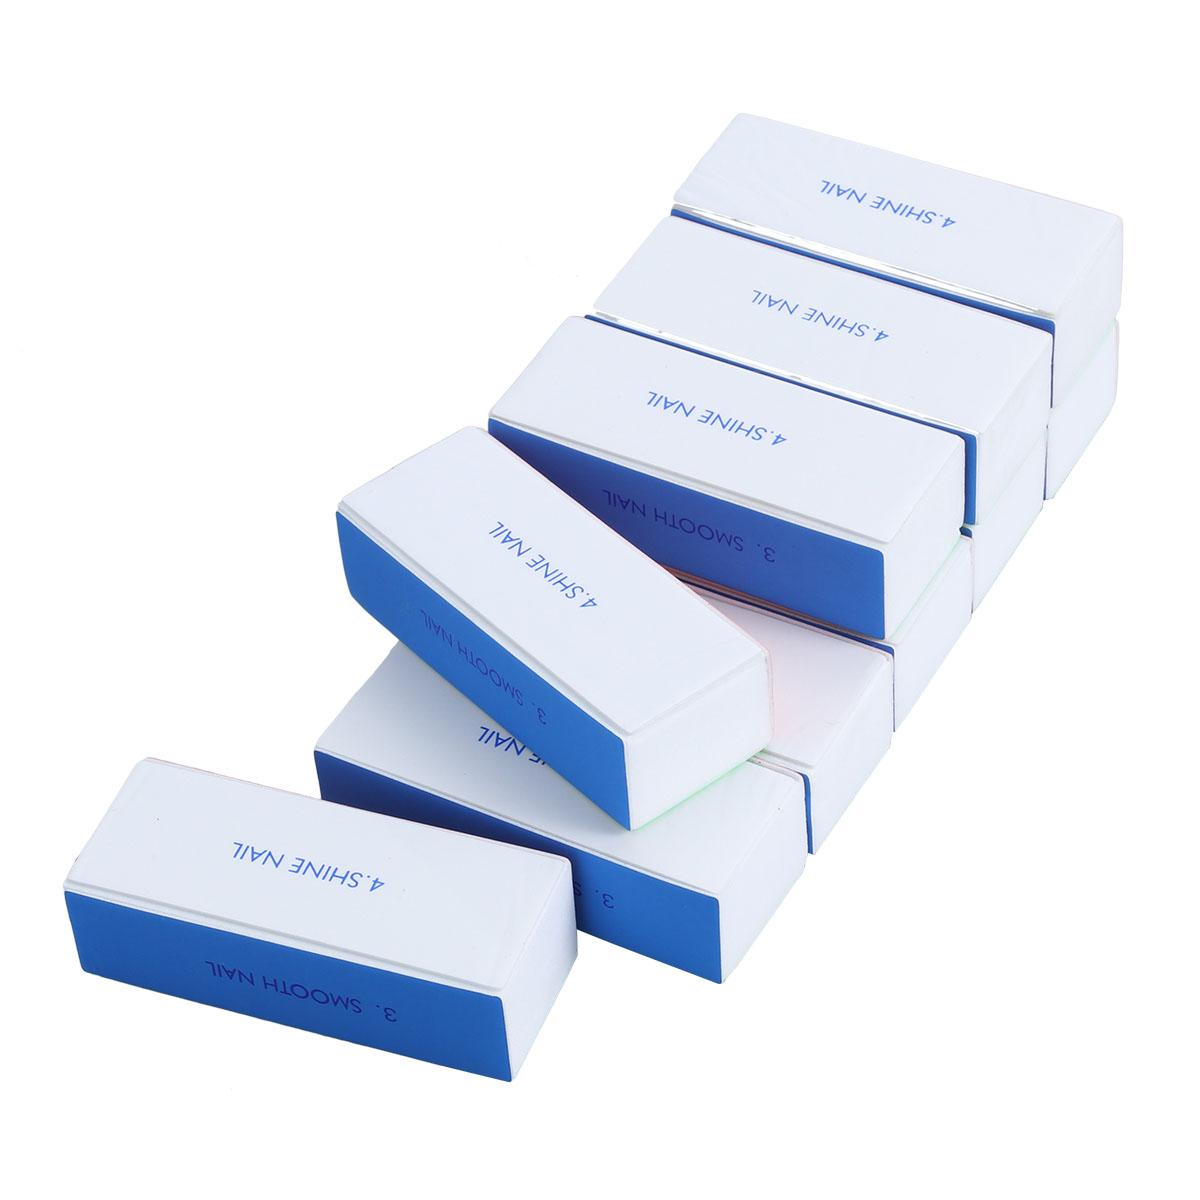 Washable 4-Way Nail Shiner Sponge Nail Files Nail Buffers Sanding Blocks, 10pcs Pack